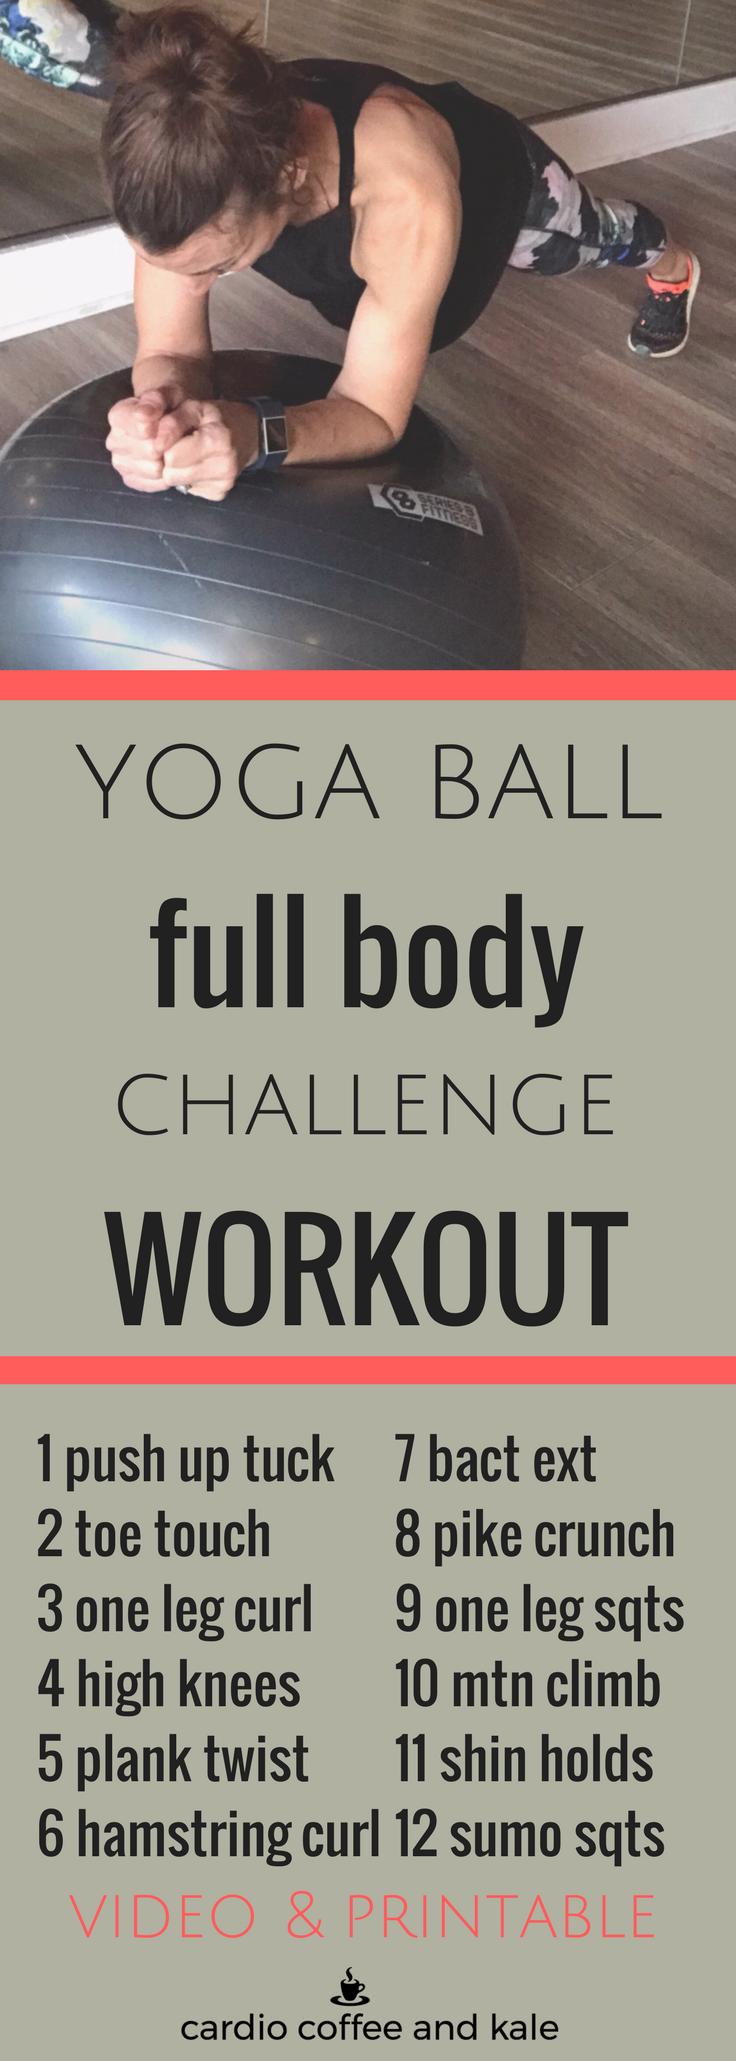 yoga ball full body challenge. www.cardiocoffeeandkale.com